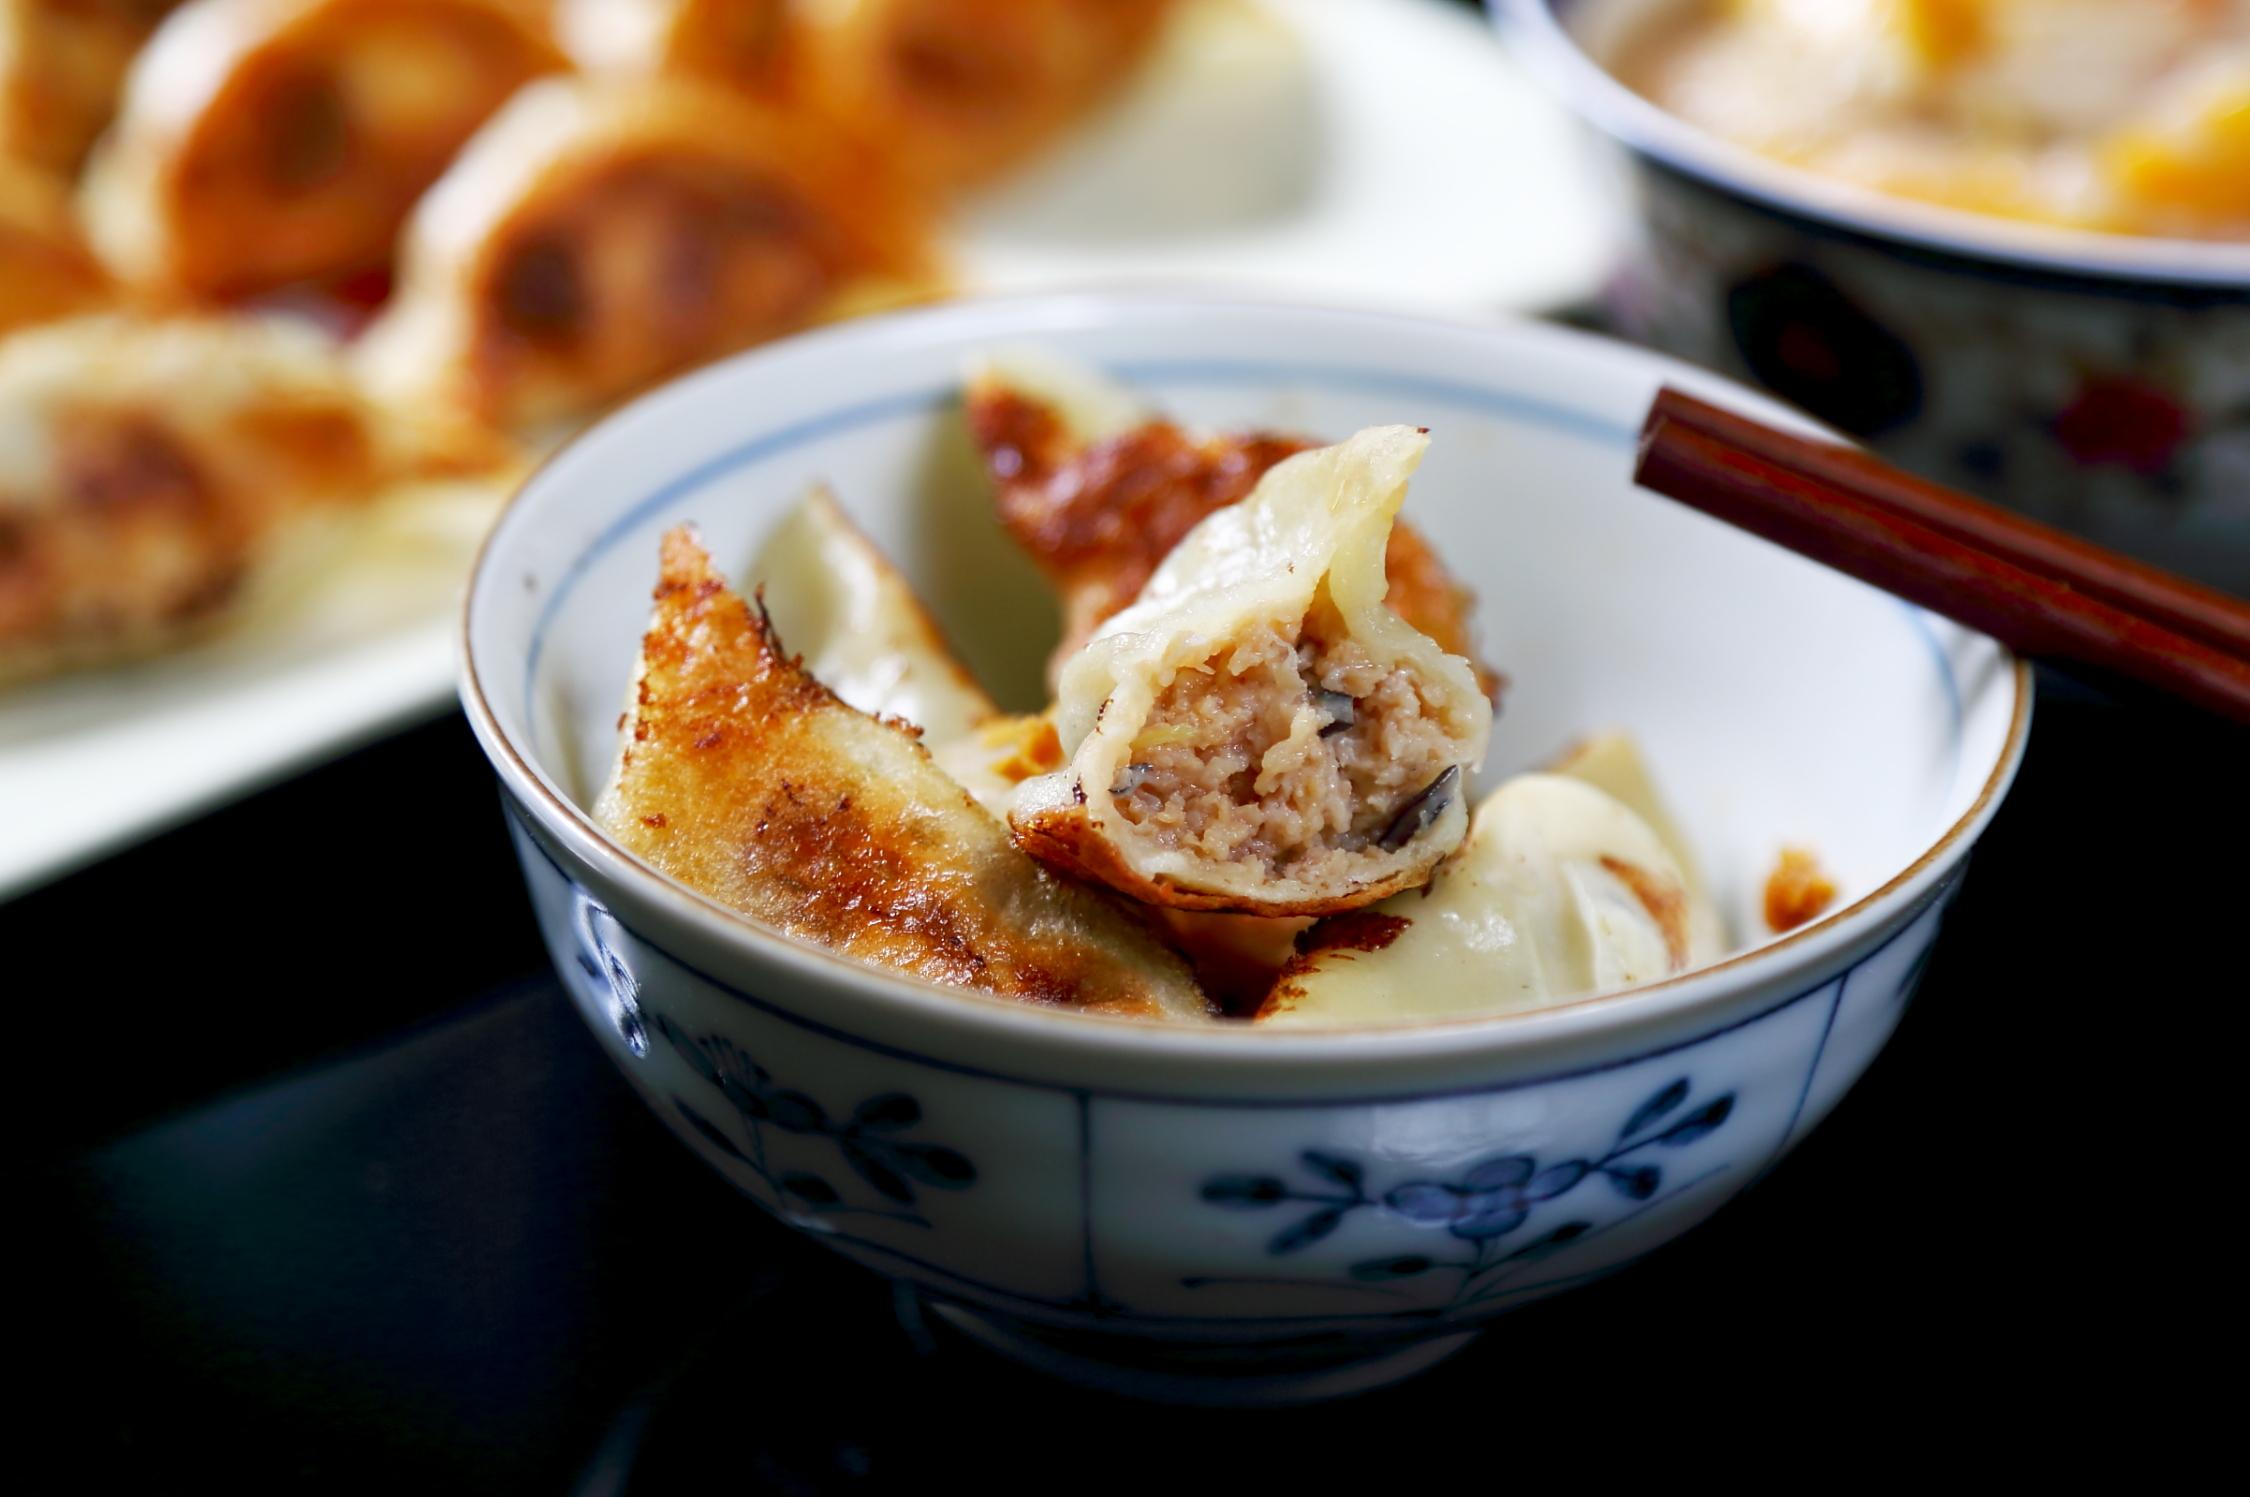 小暑节气吃莲藕,6款汤水炒菜小吃主食全有图3